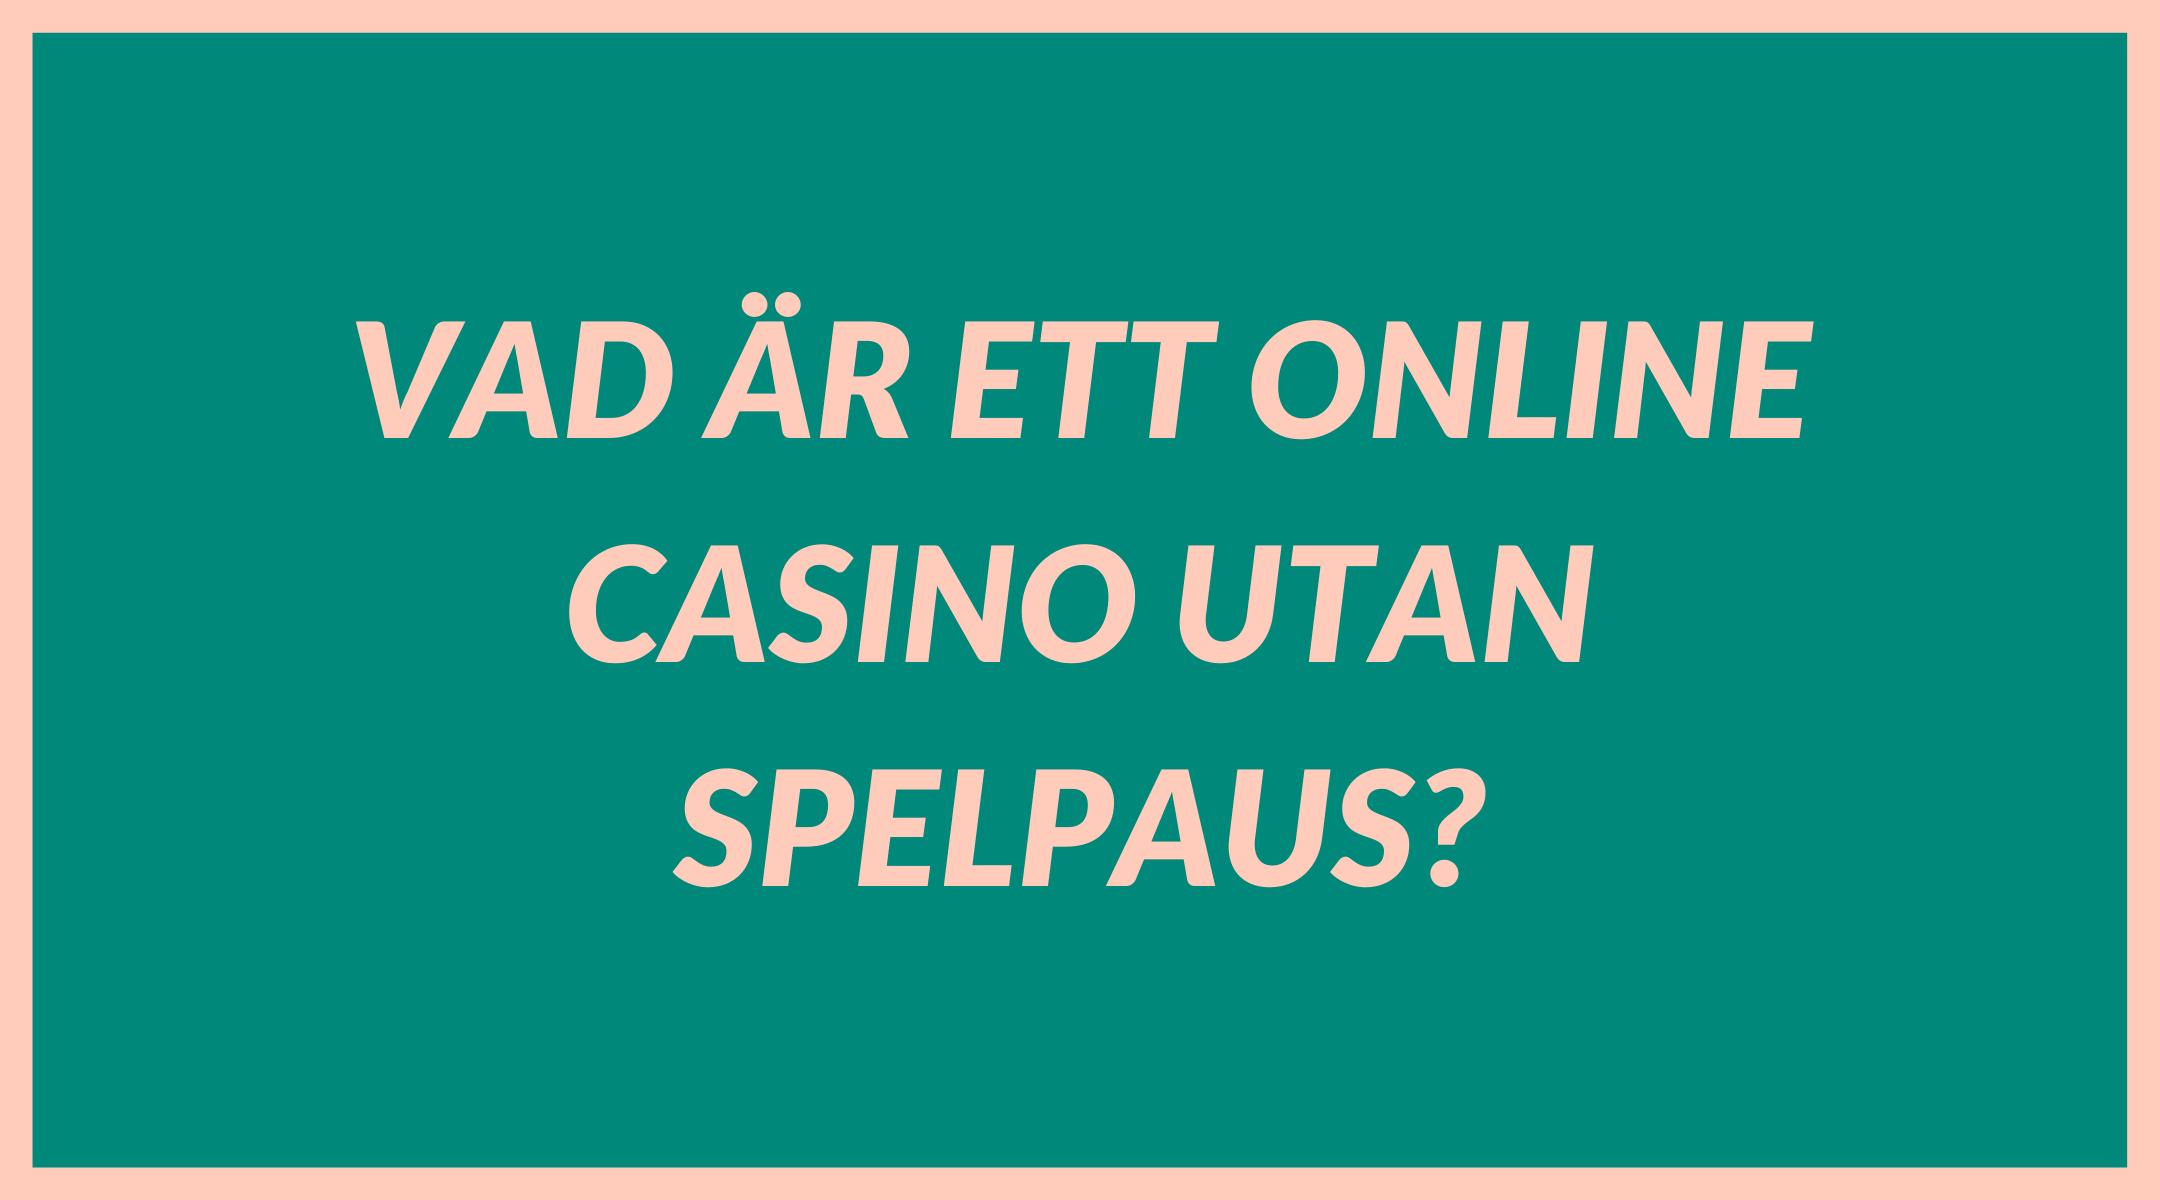 Vad är ett online casino utan spelpaus?